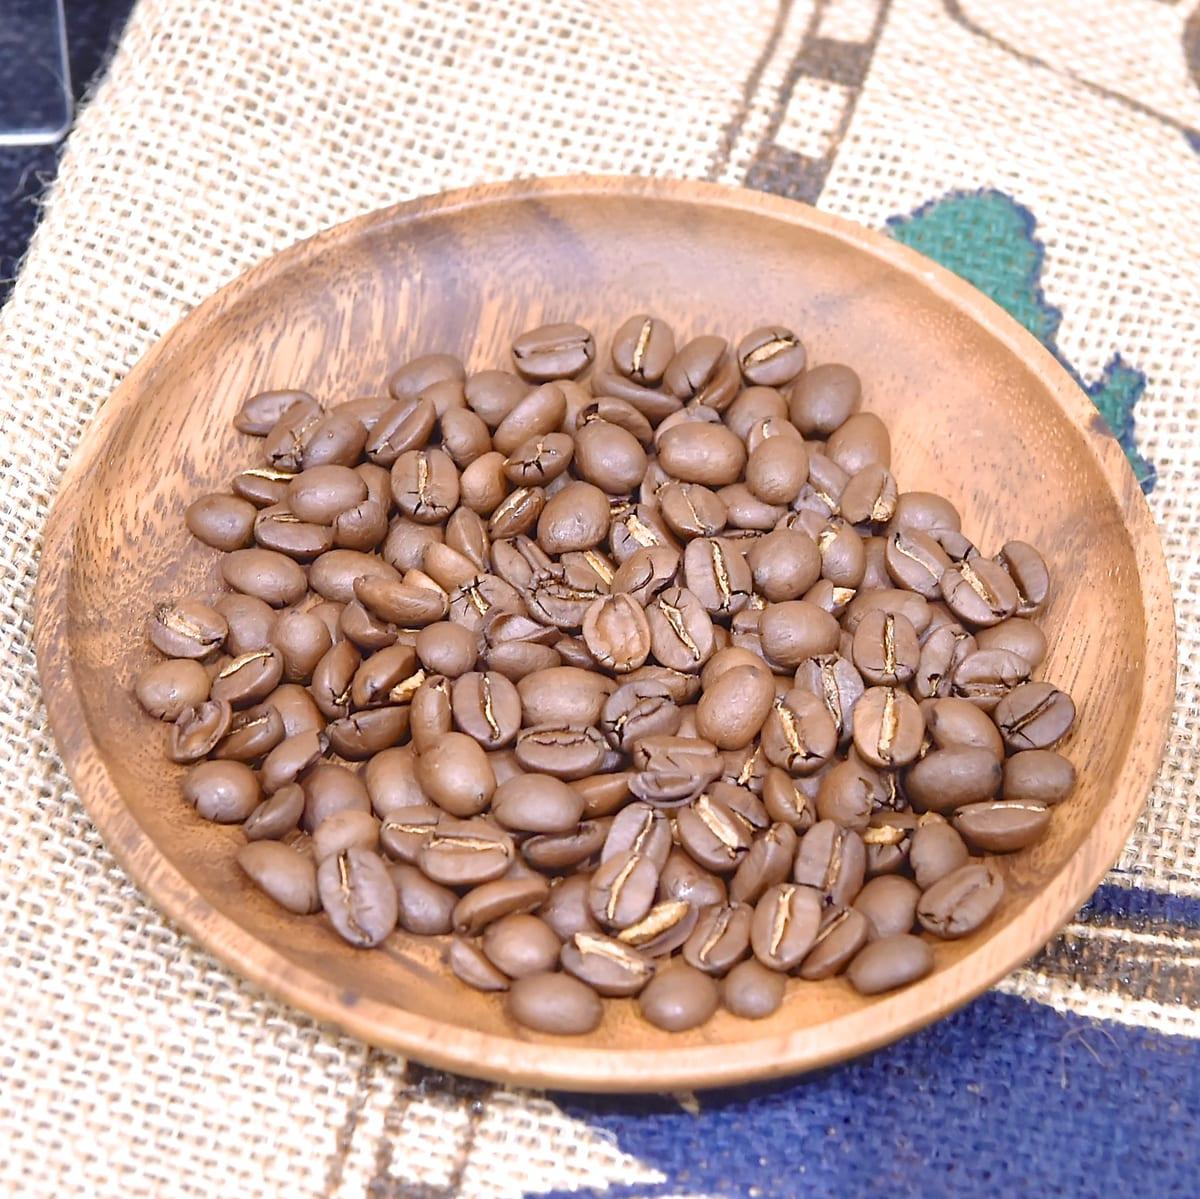 タリーズコーヒー「タリーズカッパーリザーブコレクション ハワイコナ100% アリアナファーム」豆